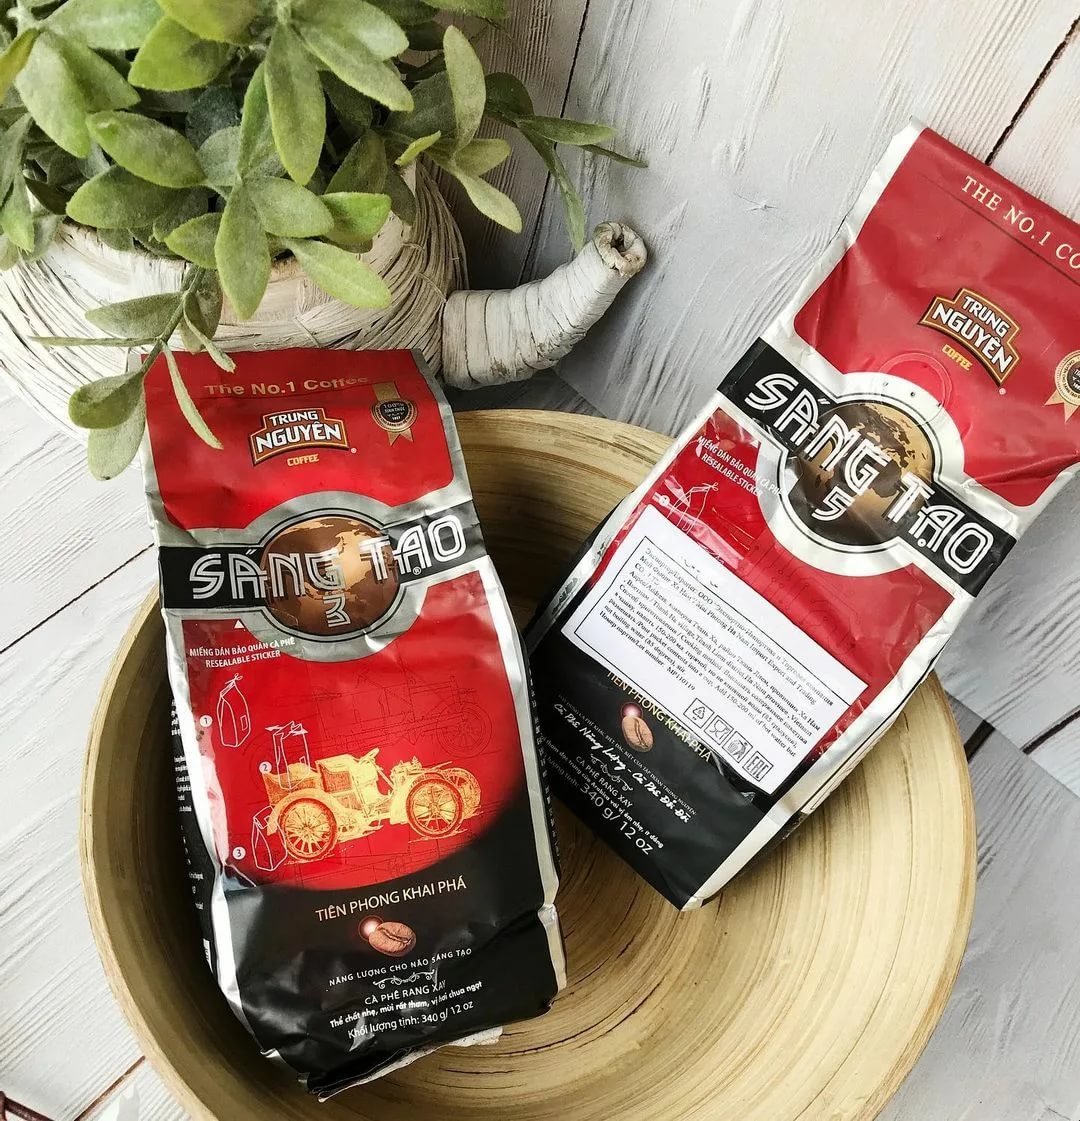 Кофе по вьетнамски: рецепты, как правильно заваривать, айс кофе по вьетнамски